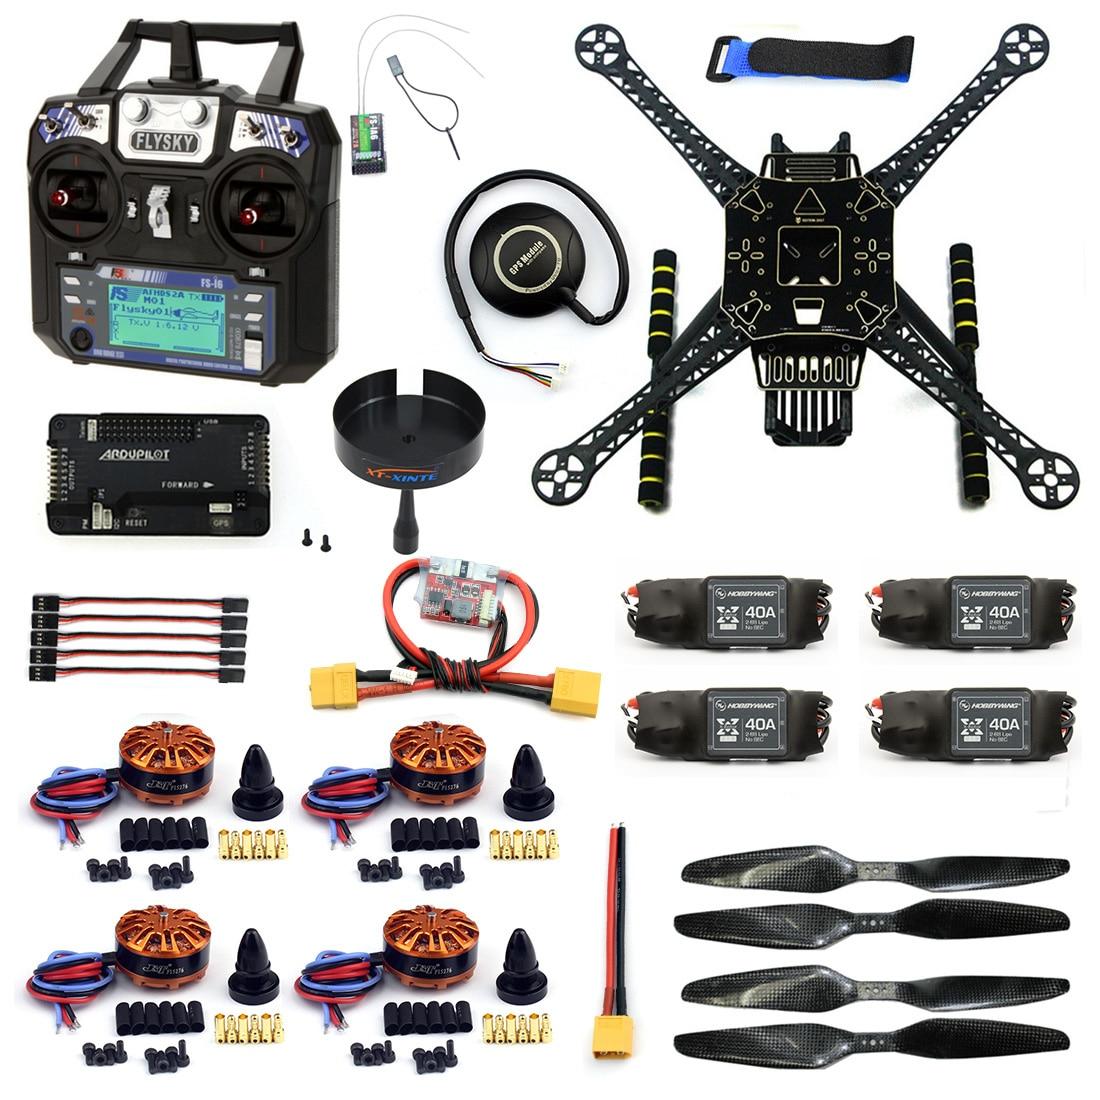 DIY RC Drone Quadcopter FPV S600 Frame Kit with APM 2.8 No Compass Flysky FS-i6 6CH Transmitter 700KV Motor 40A ESC F19457-I цена 2017